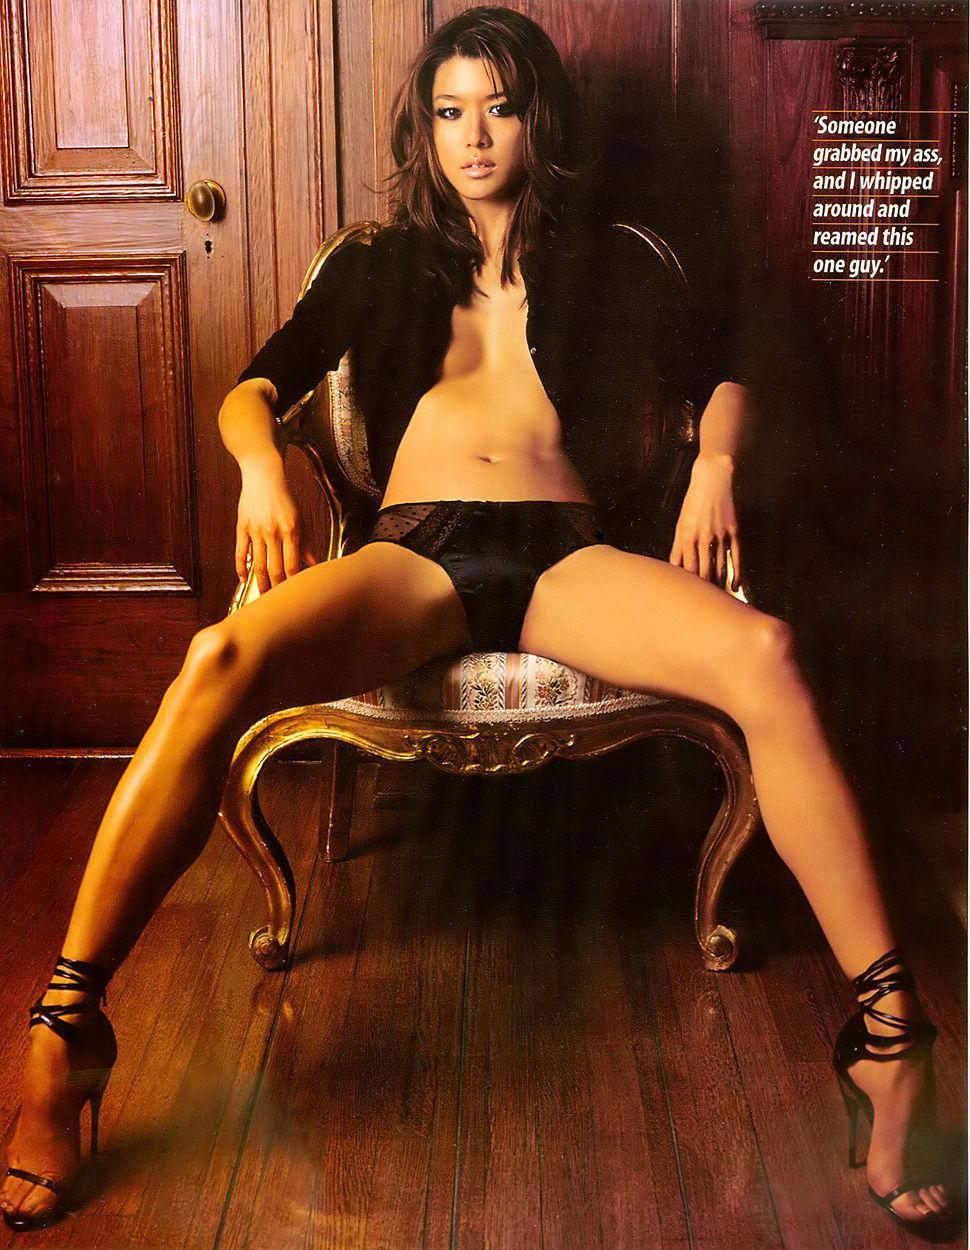 Giselle Porno